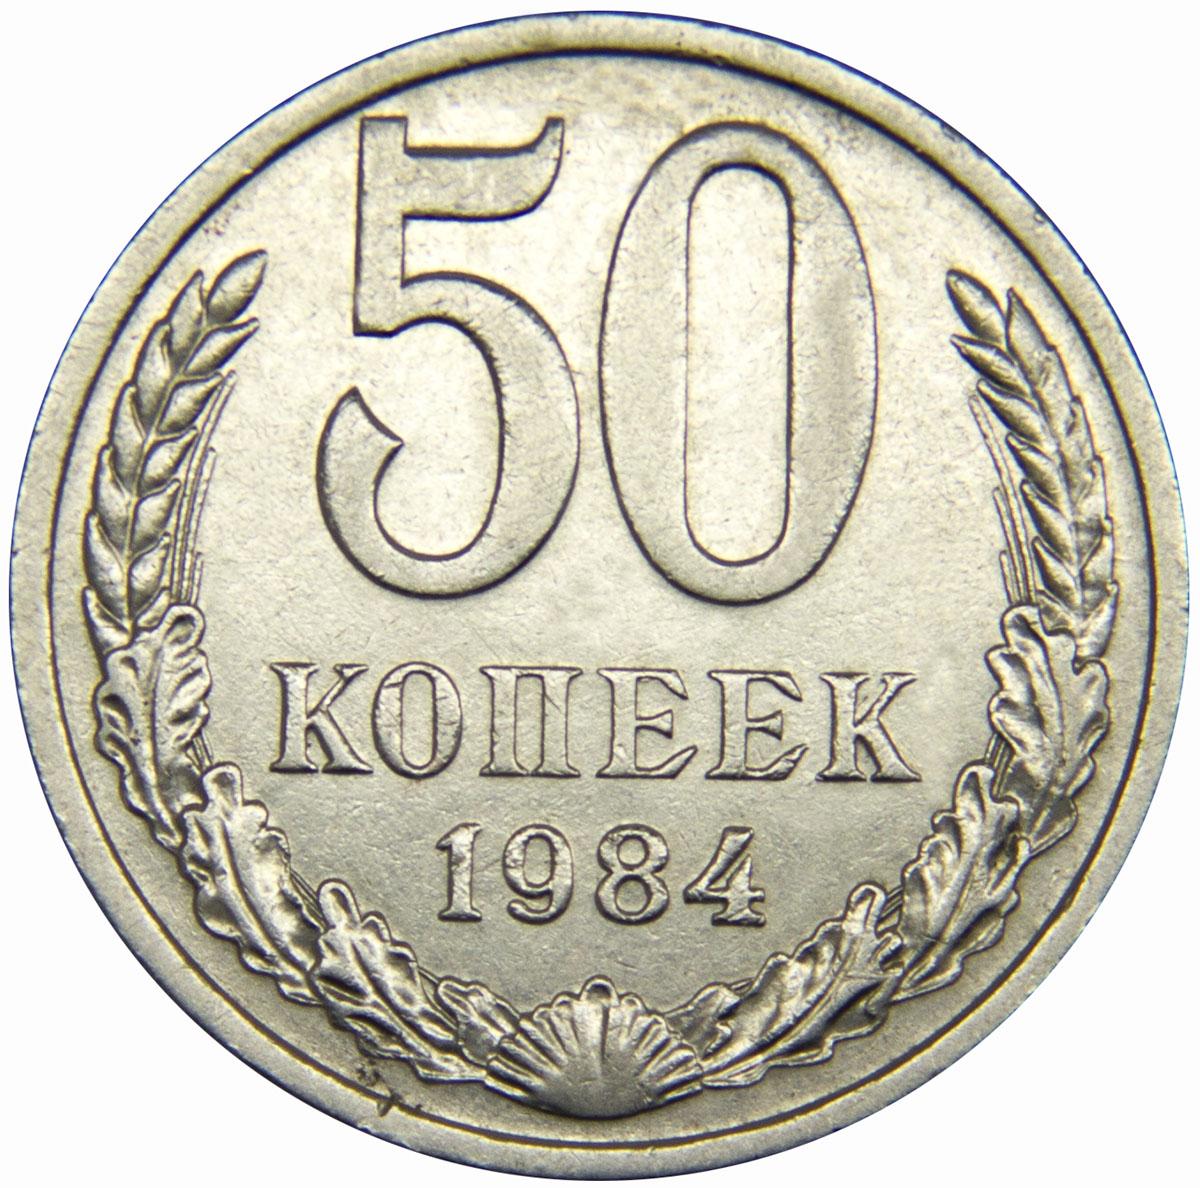 Монета номиналом 50 копеек. Медно-никелевый сплав. Сохранность VF. СССР, 1984 год739Диаметр монеты: 24 мм Вес: 4,4 г. Материал: медь-никель Гурт: надпись